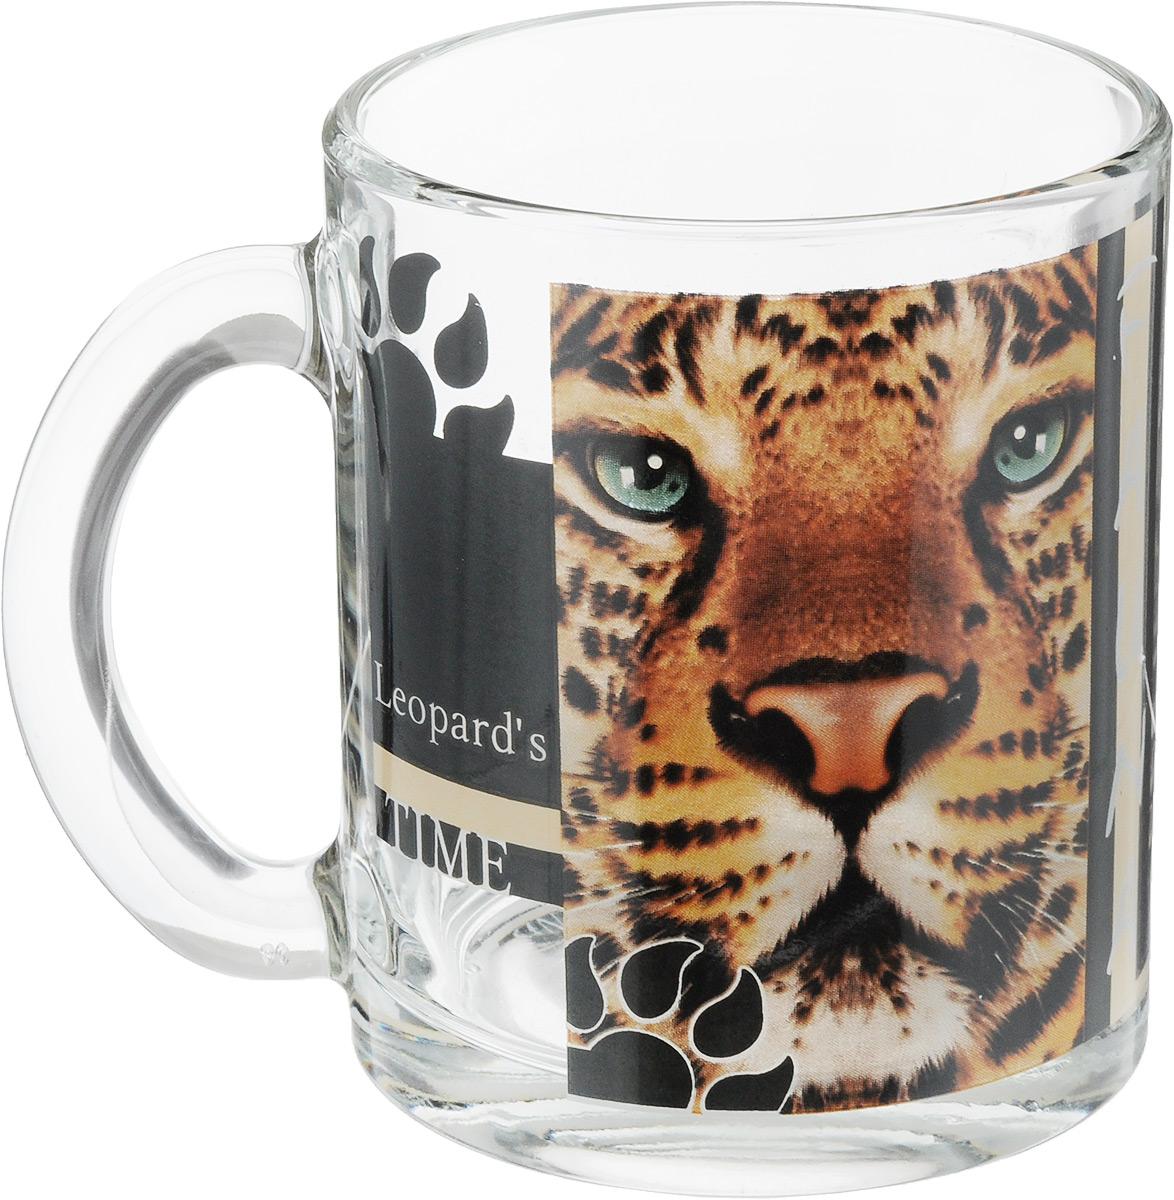 Кружка OSZ Чайная. Дикие кошки. Леопард, 320 мл04C1208-DKK_ЛеопардКружка OSZ Чайная. Дикие кошки. Леопард изготовлена из стекла и декорирована принтом.Диаметр (по верхнему краю): 8 см. Высота: 9,5 см. Объем: 320 мл.